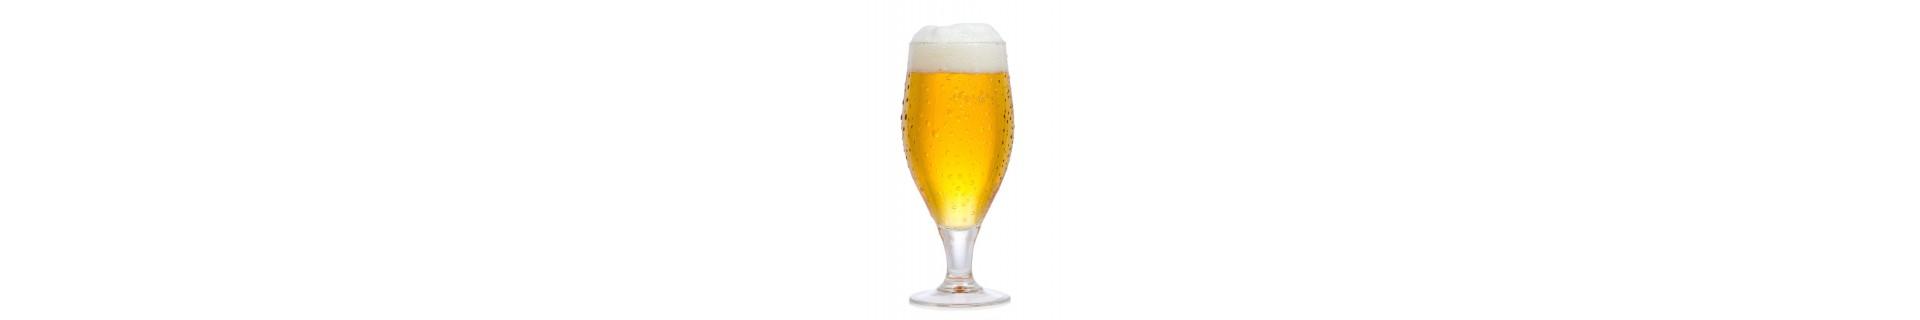 Comprar cerveza online